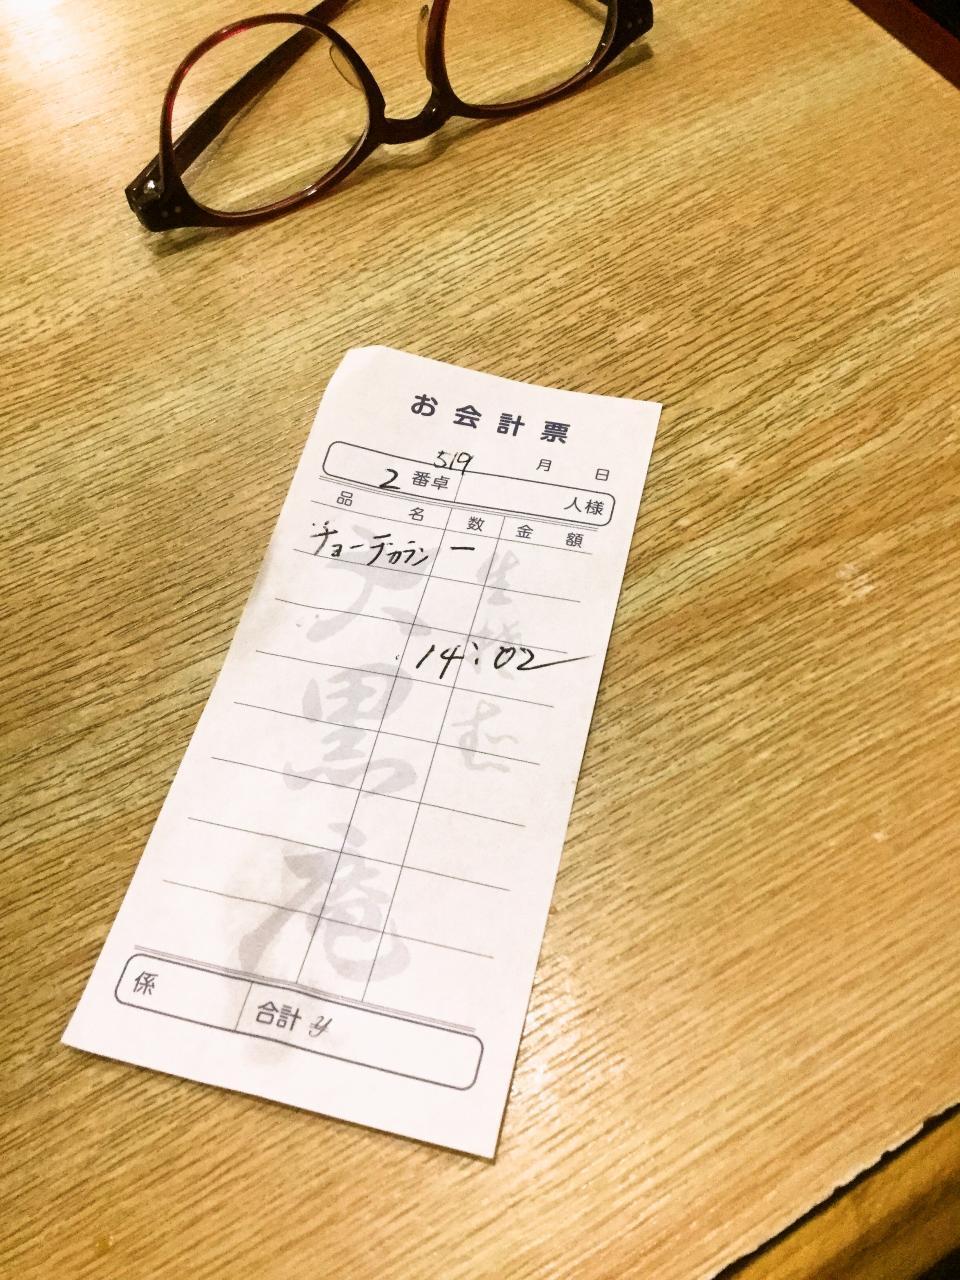 大黒庵(レシート)